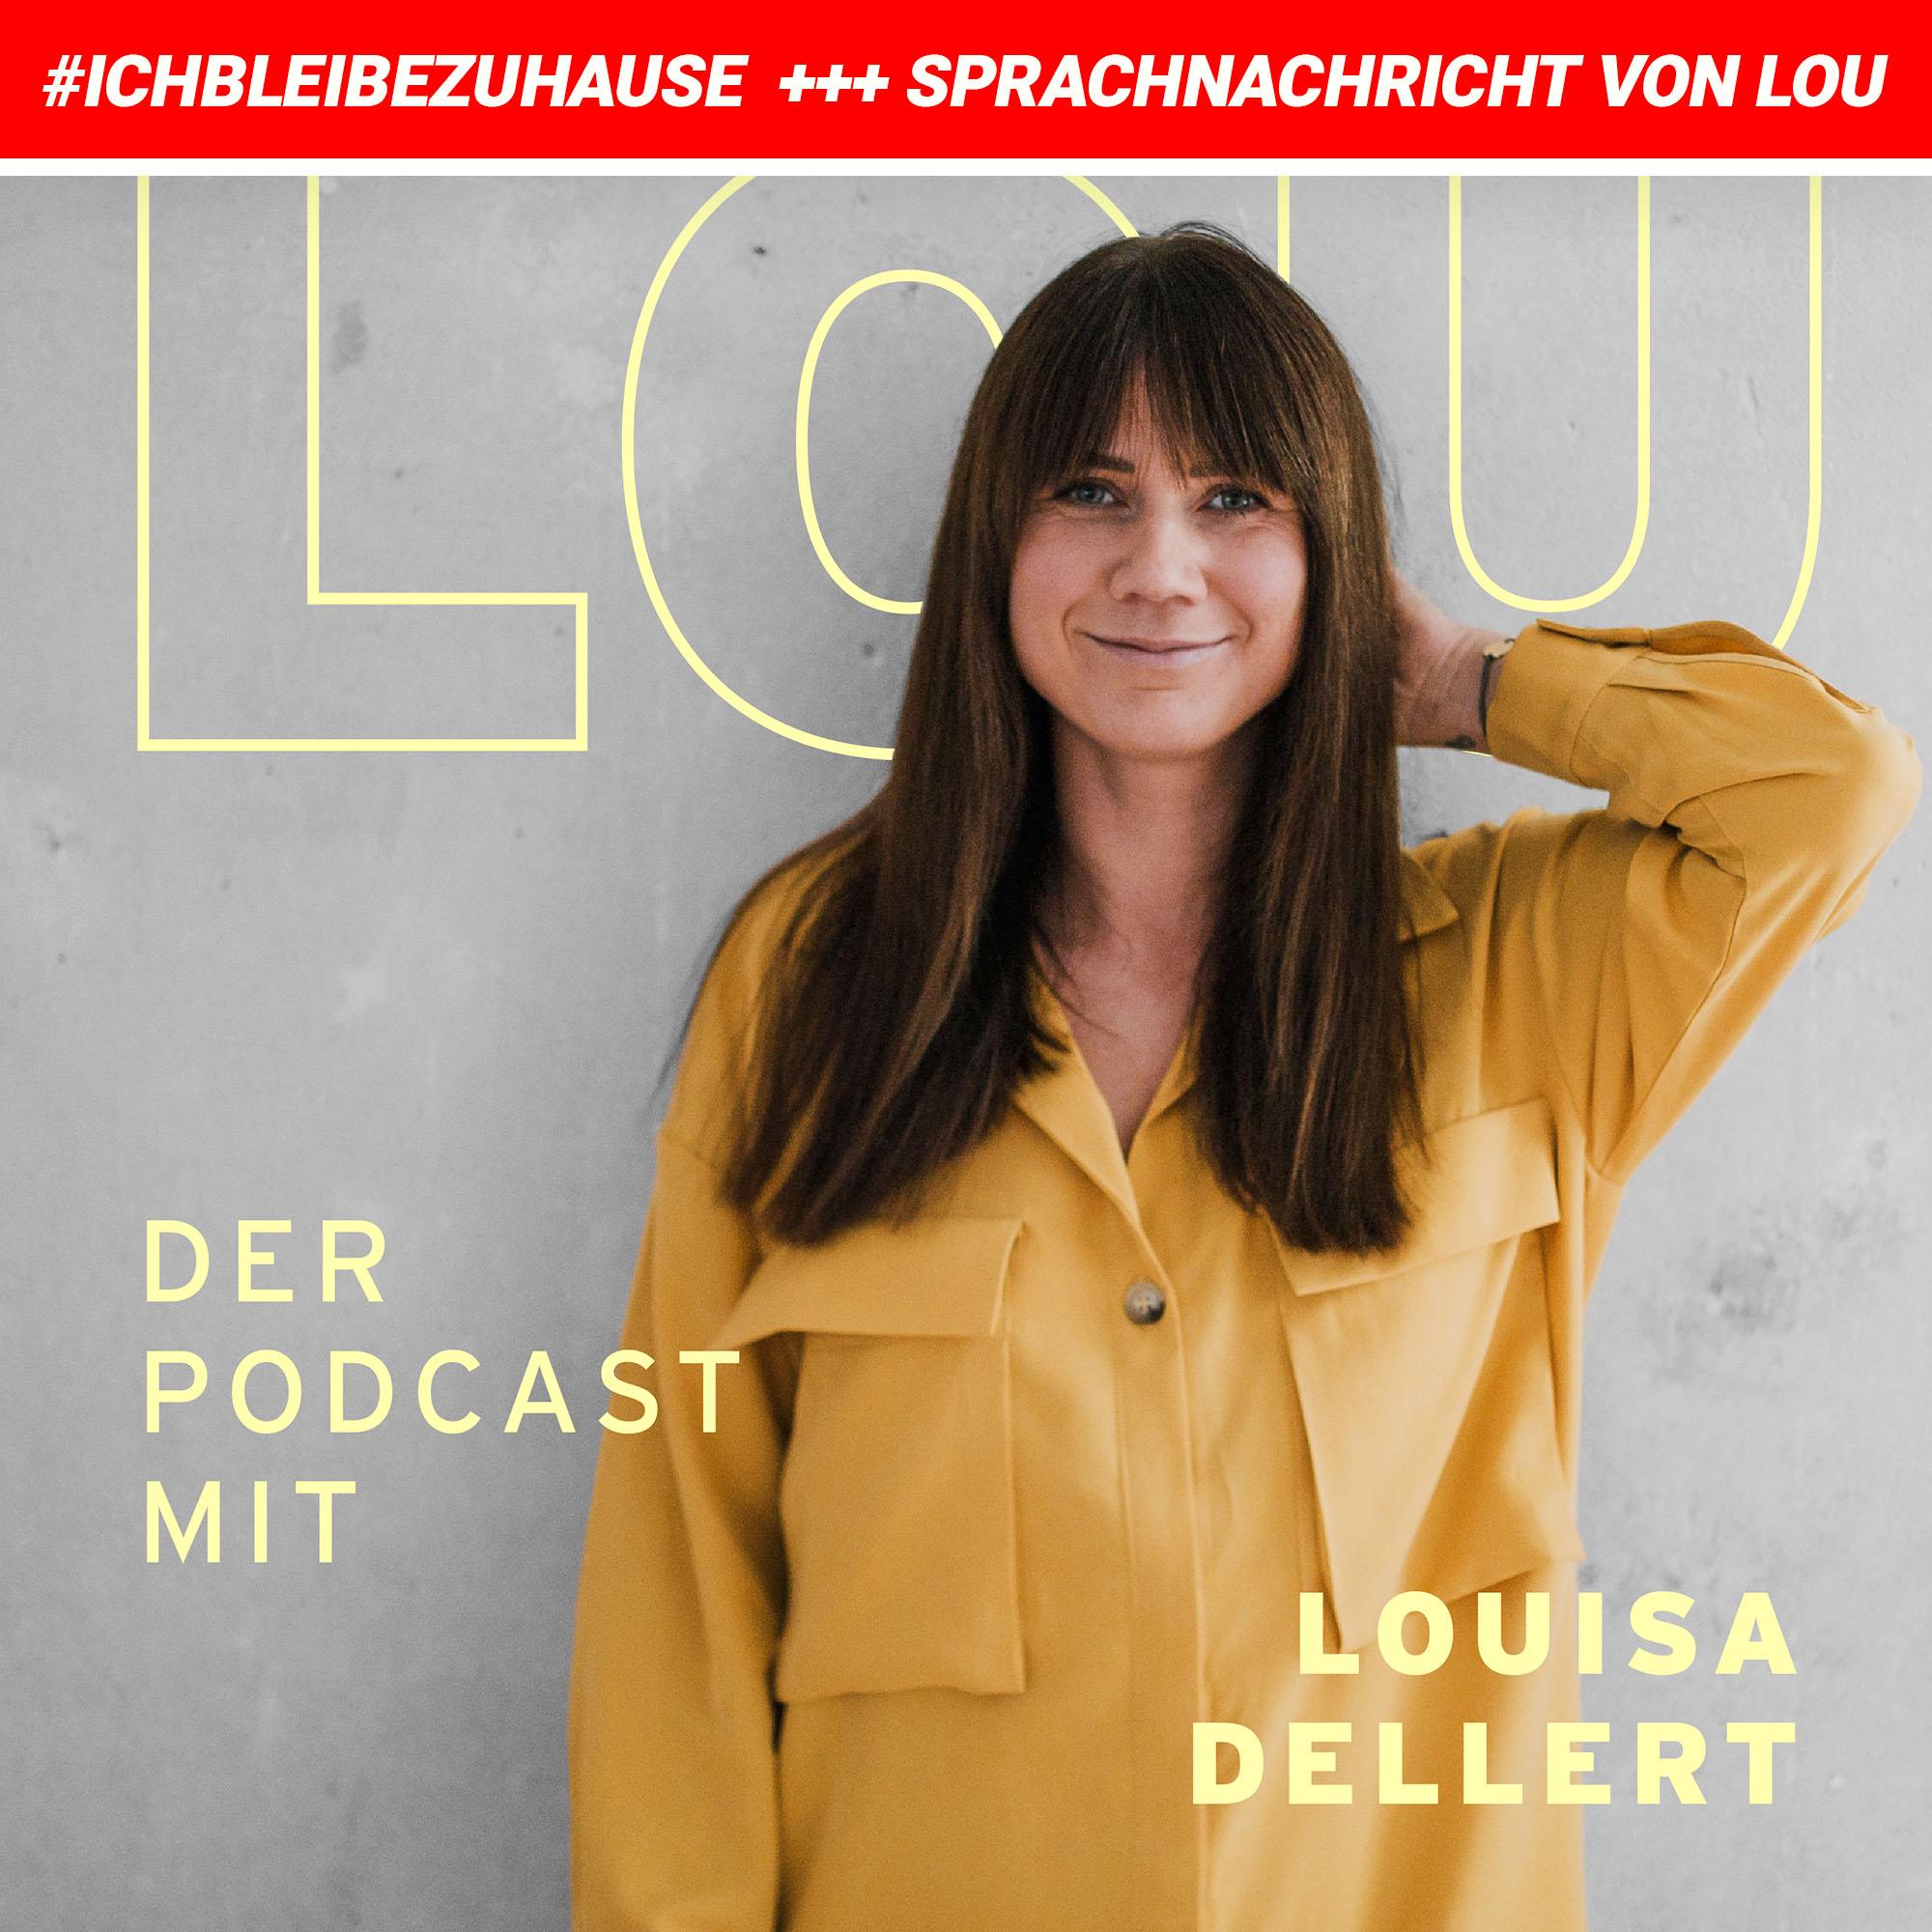 #ichbleibezuhause - Sprachnachricht von Lou Vol. 14